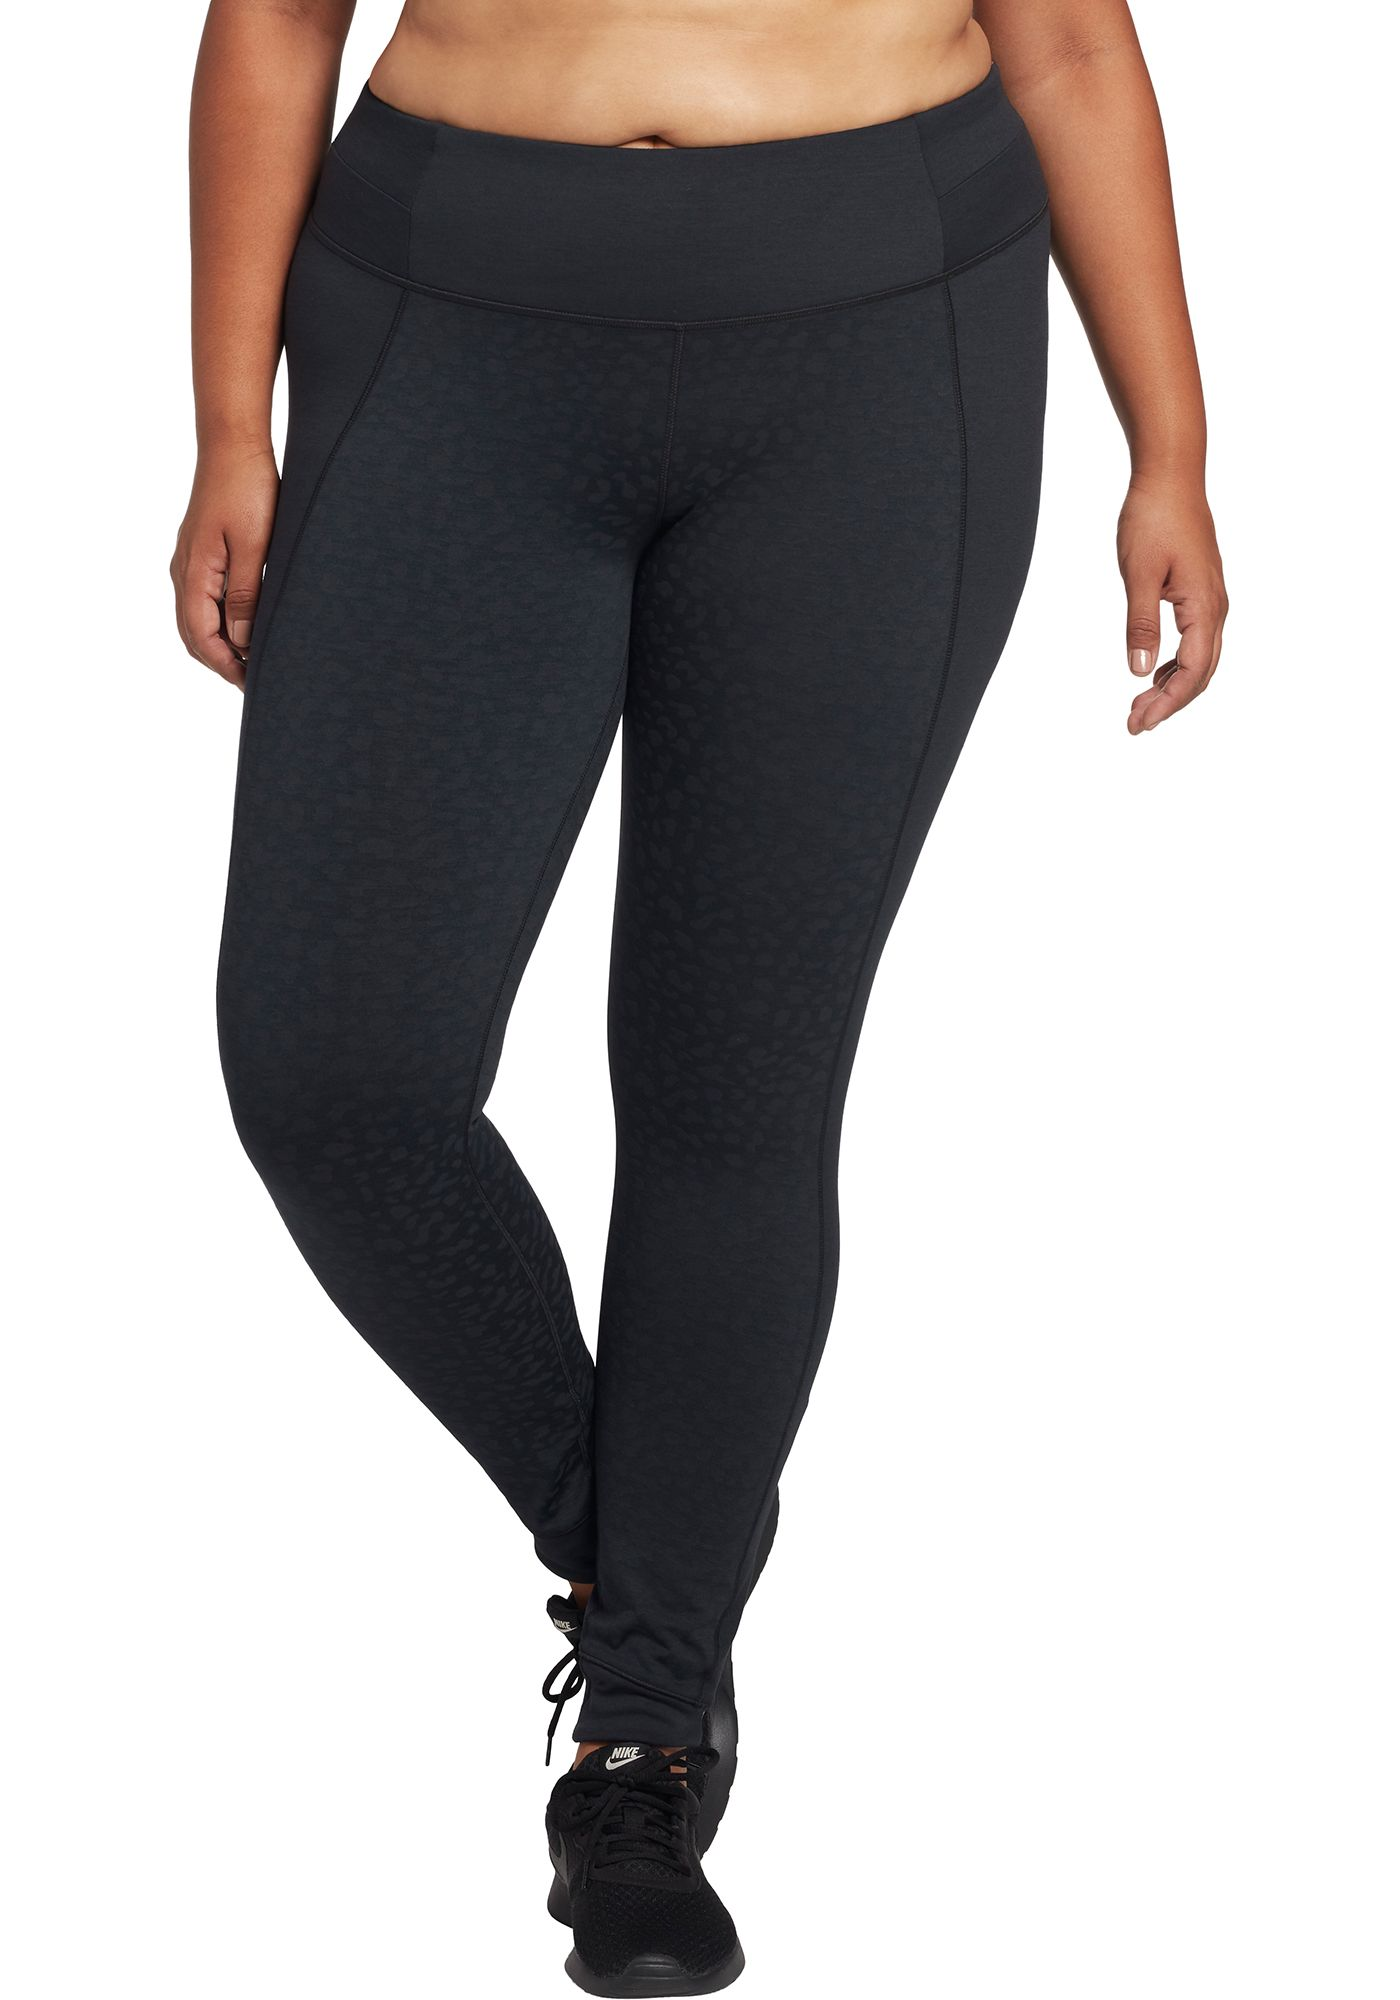 CALIA by Carrie Underwood Women's Plus Size Warm Leggings